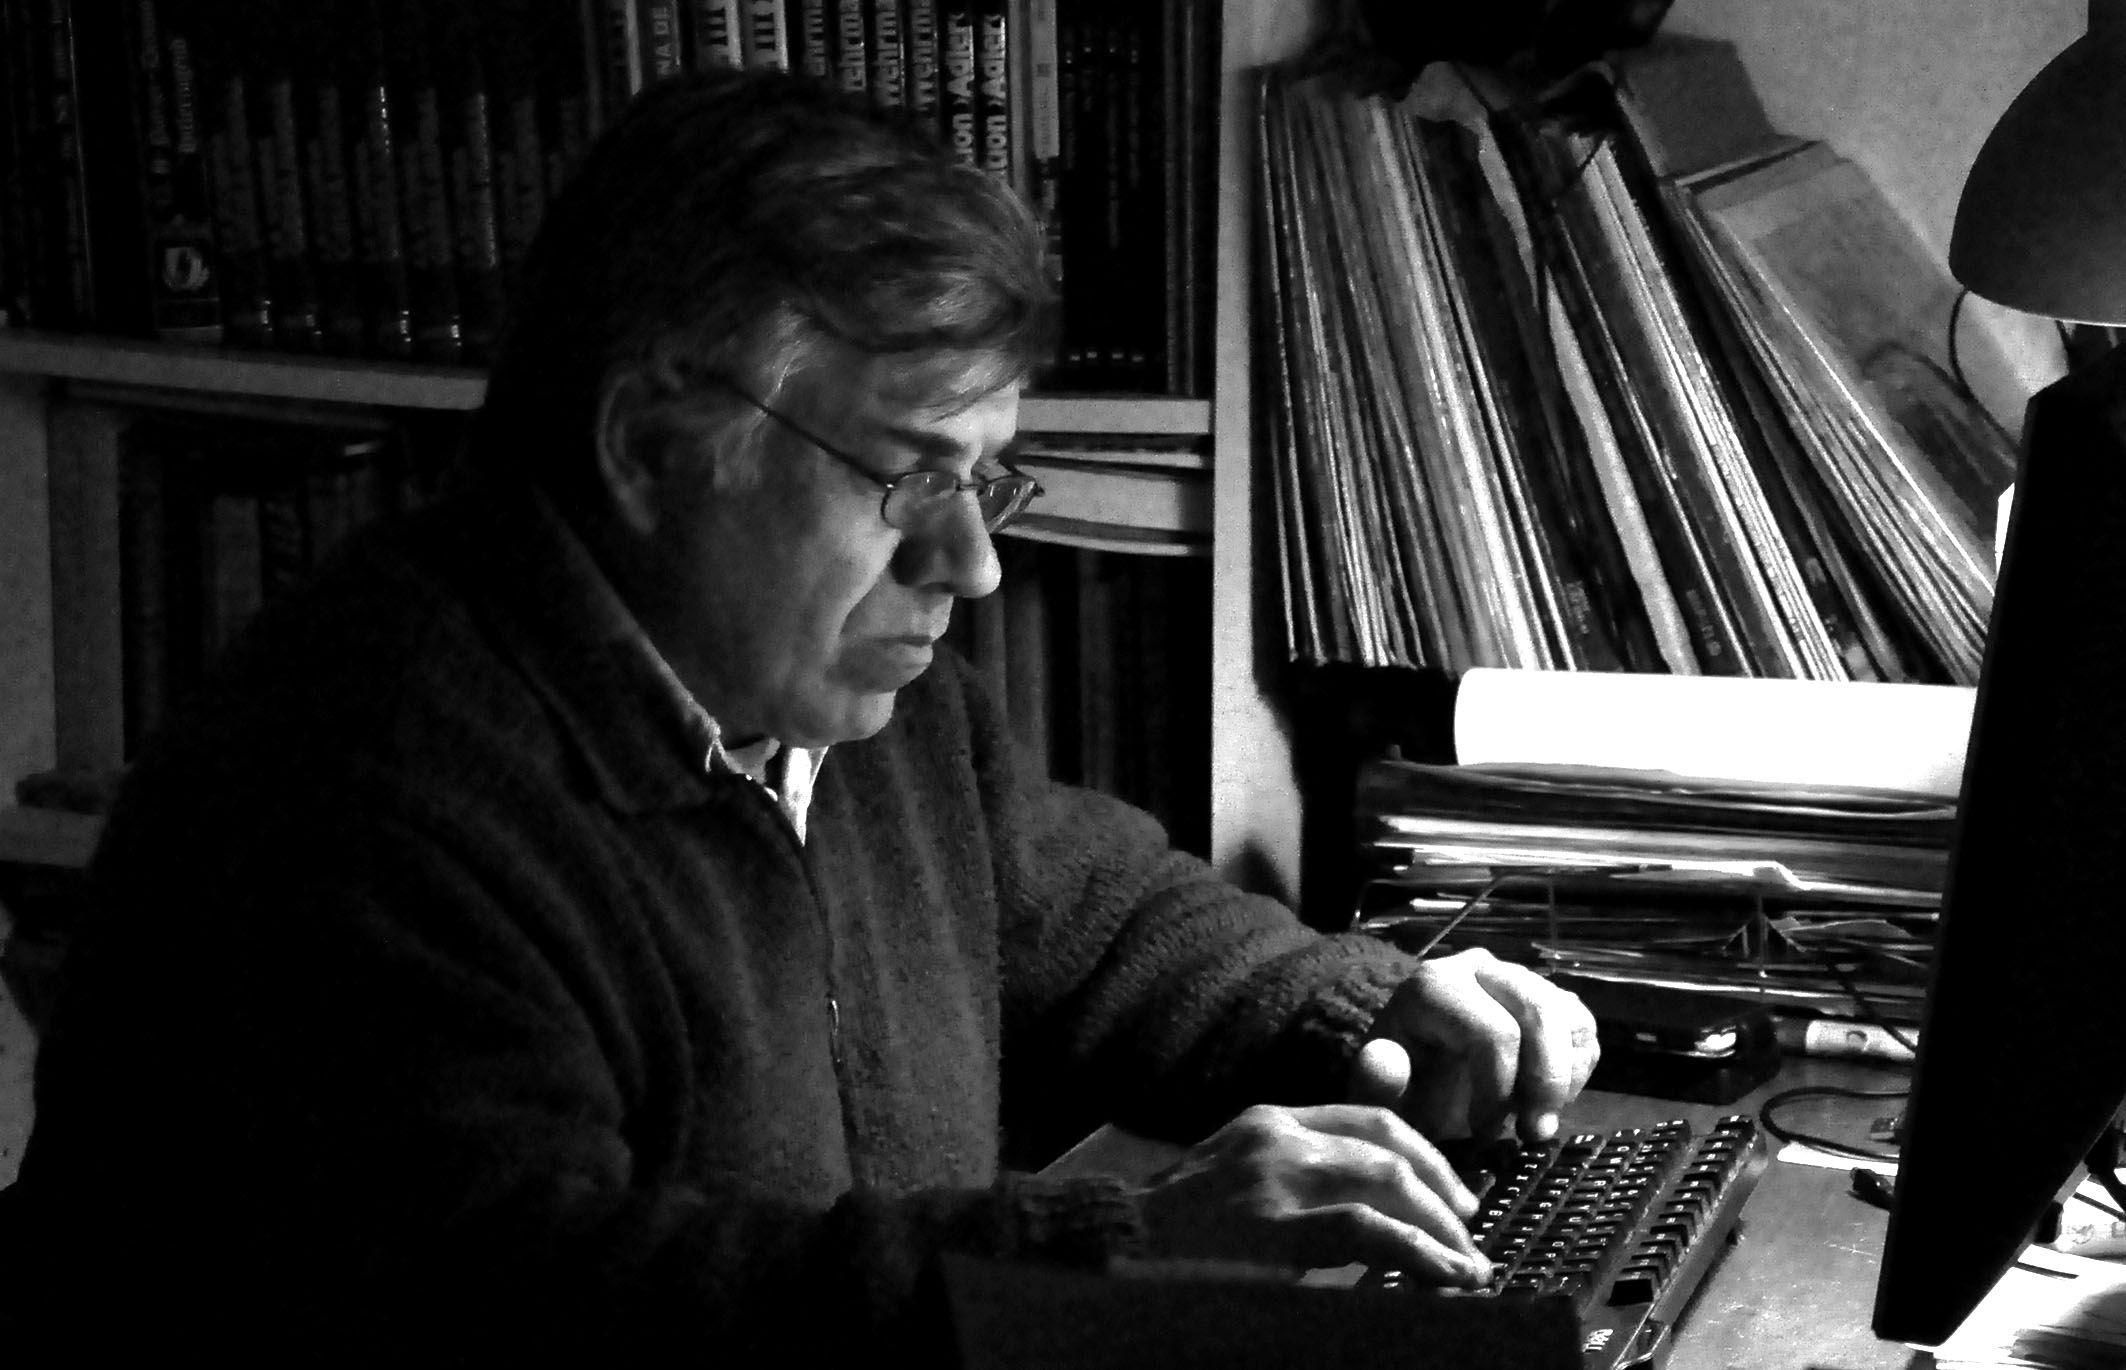 Alberto Javier Nicolás